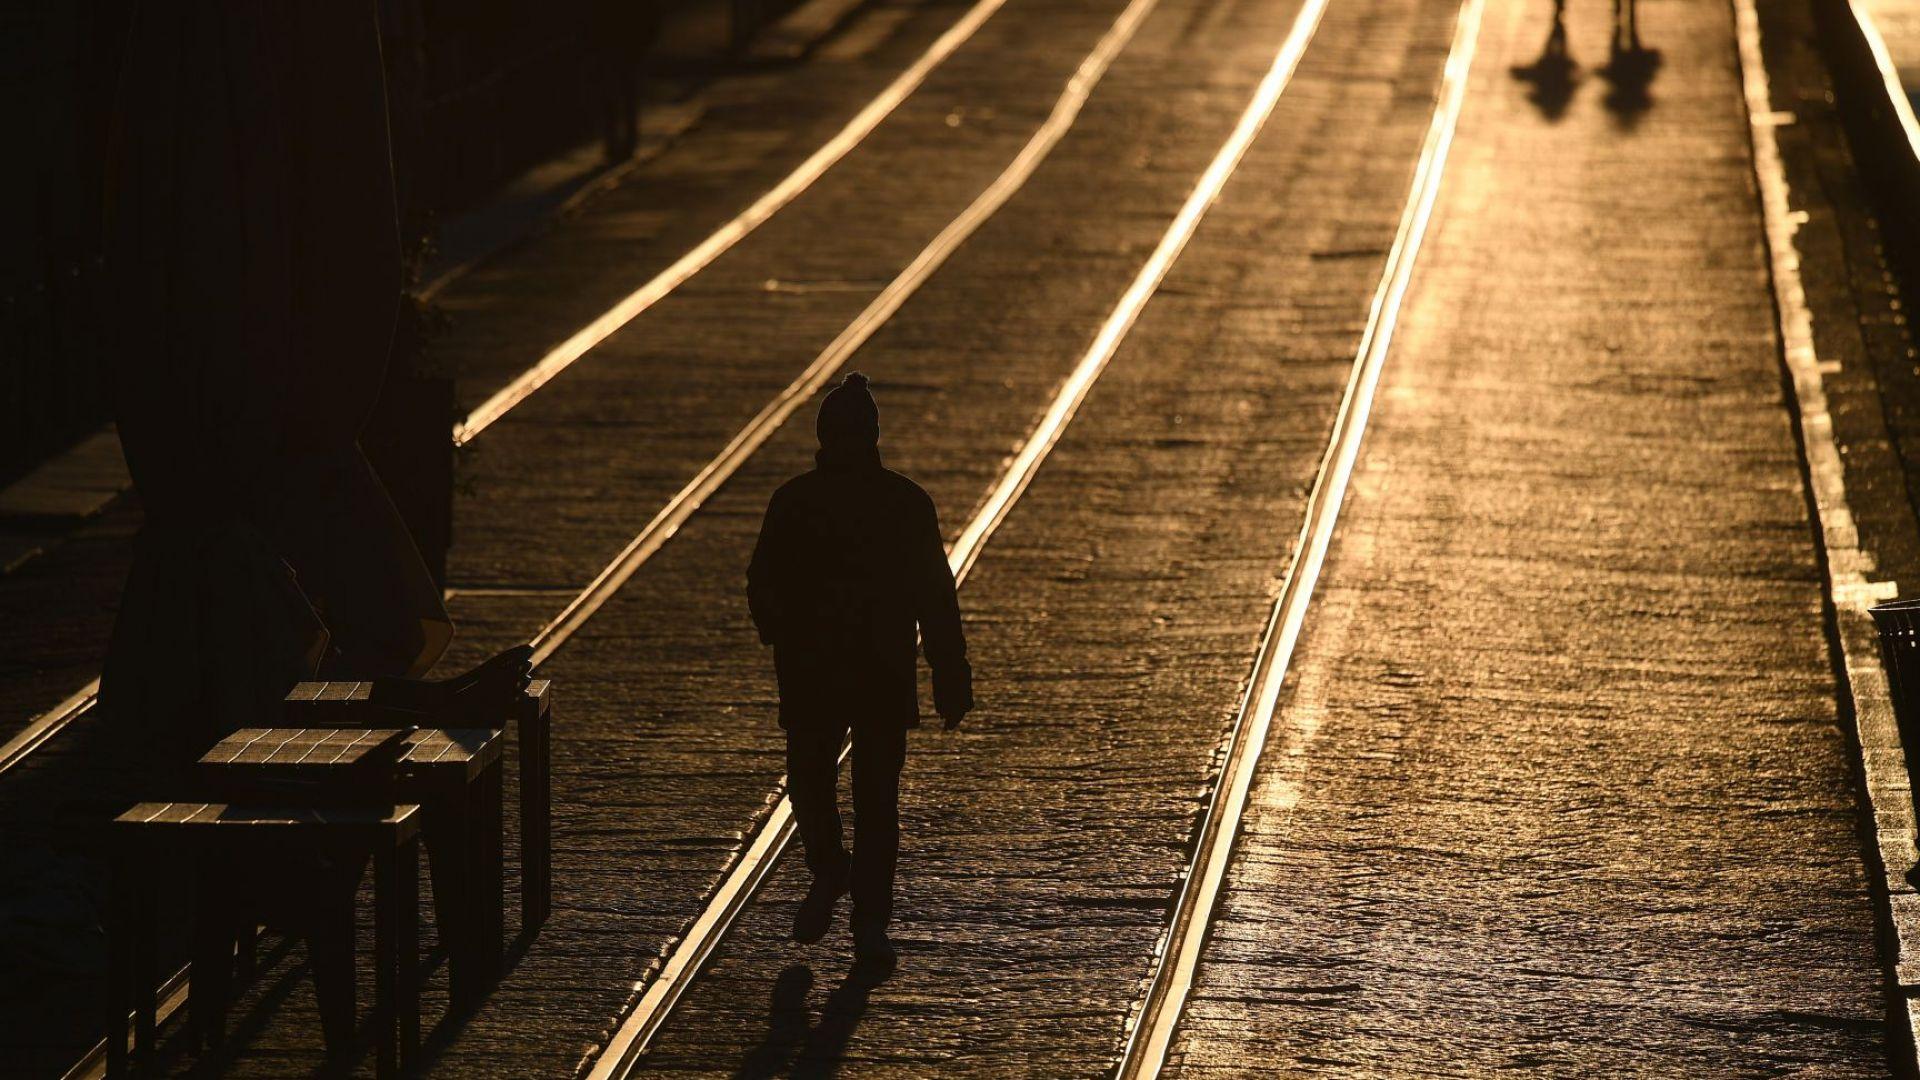 Тук сме само аз и моята сянка. Това казва учителят